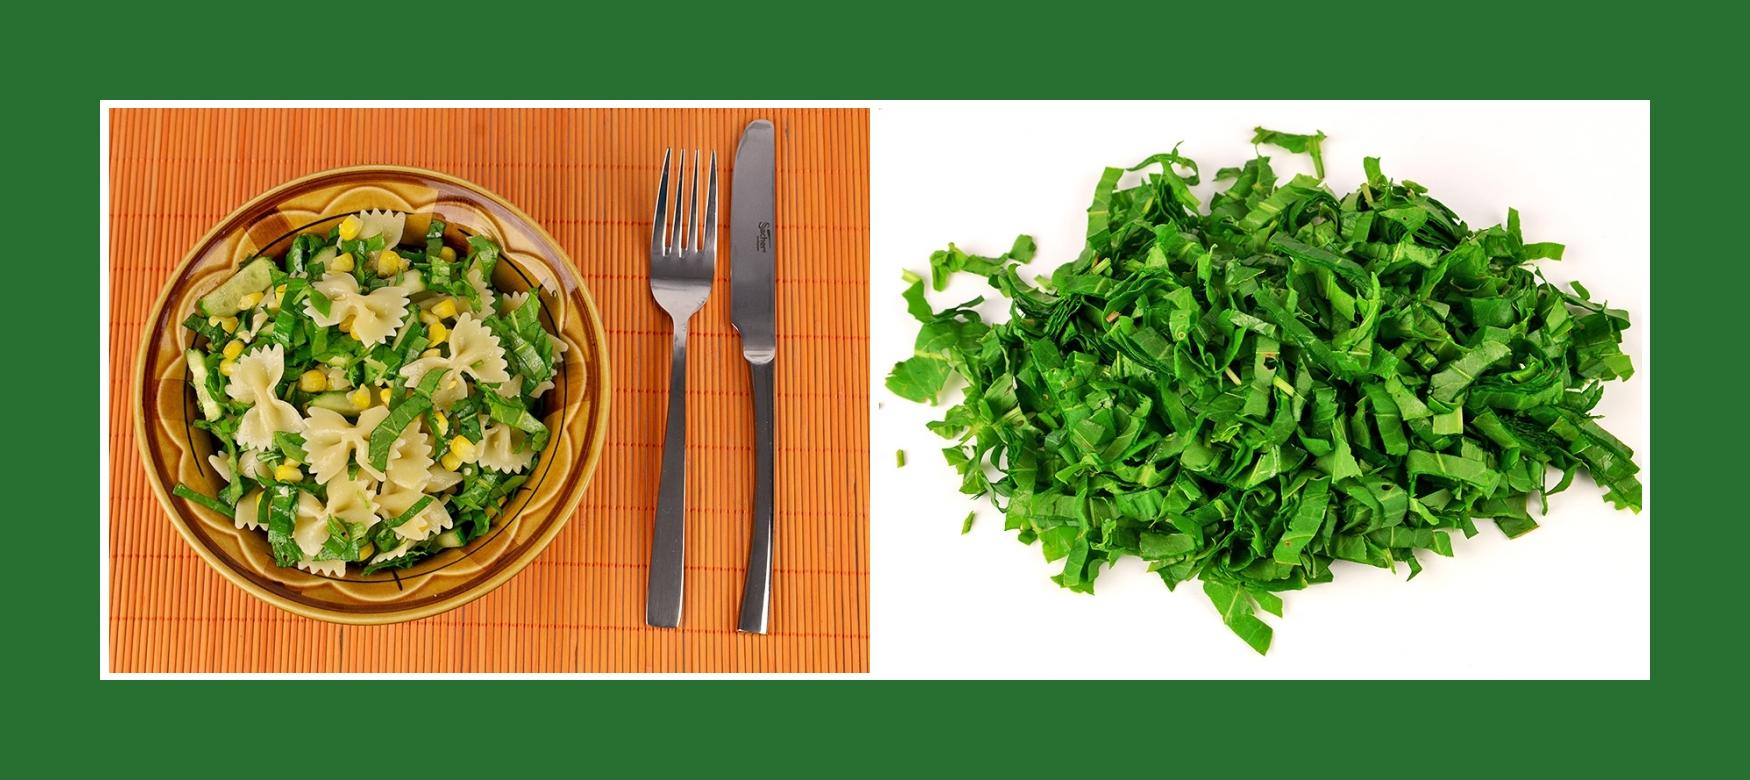 Sauerampfer für erfrischenden sommerlichen Nudelsalat